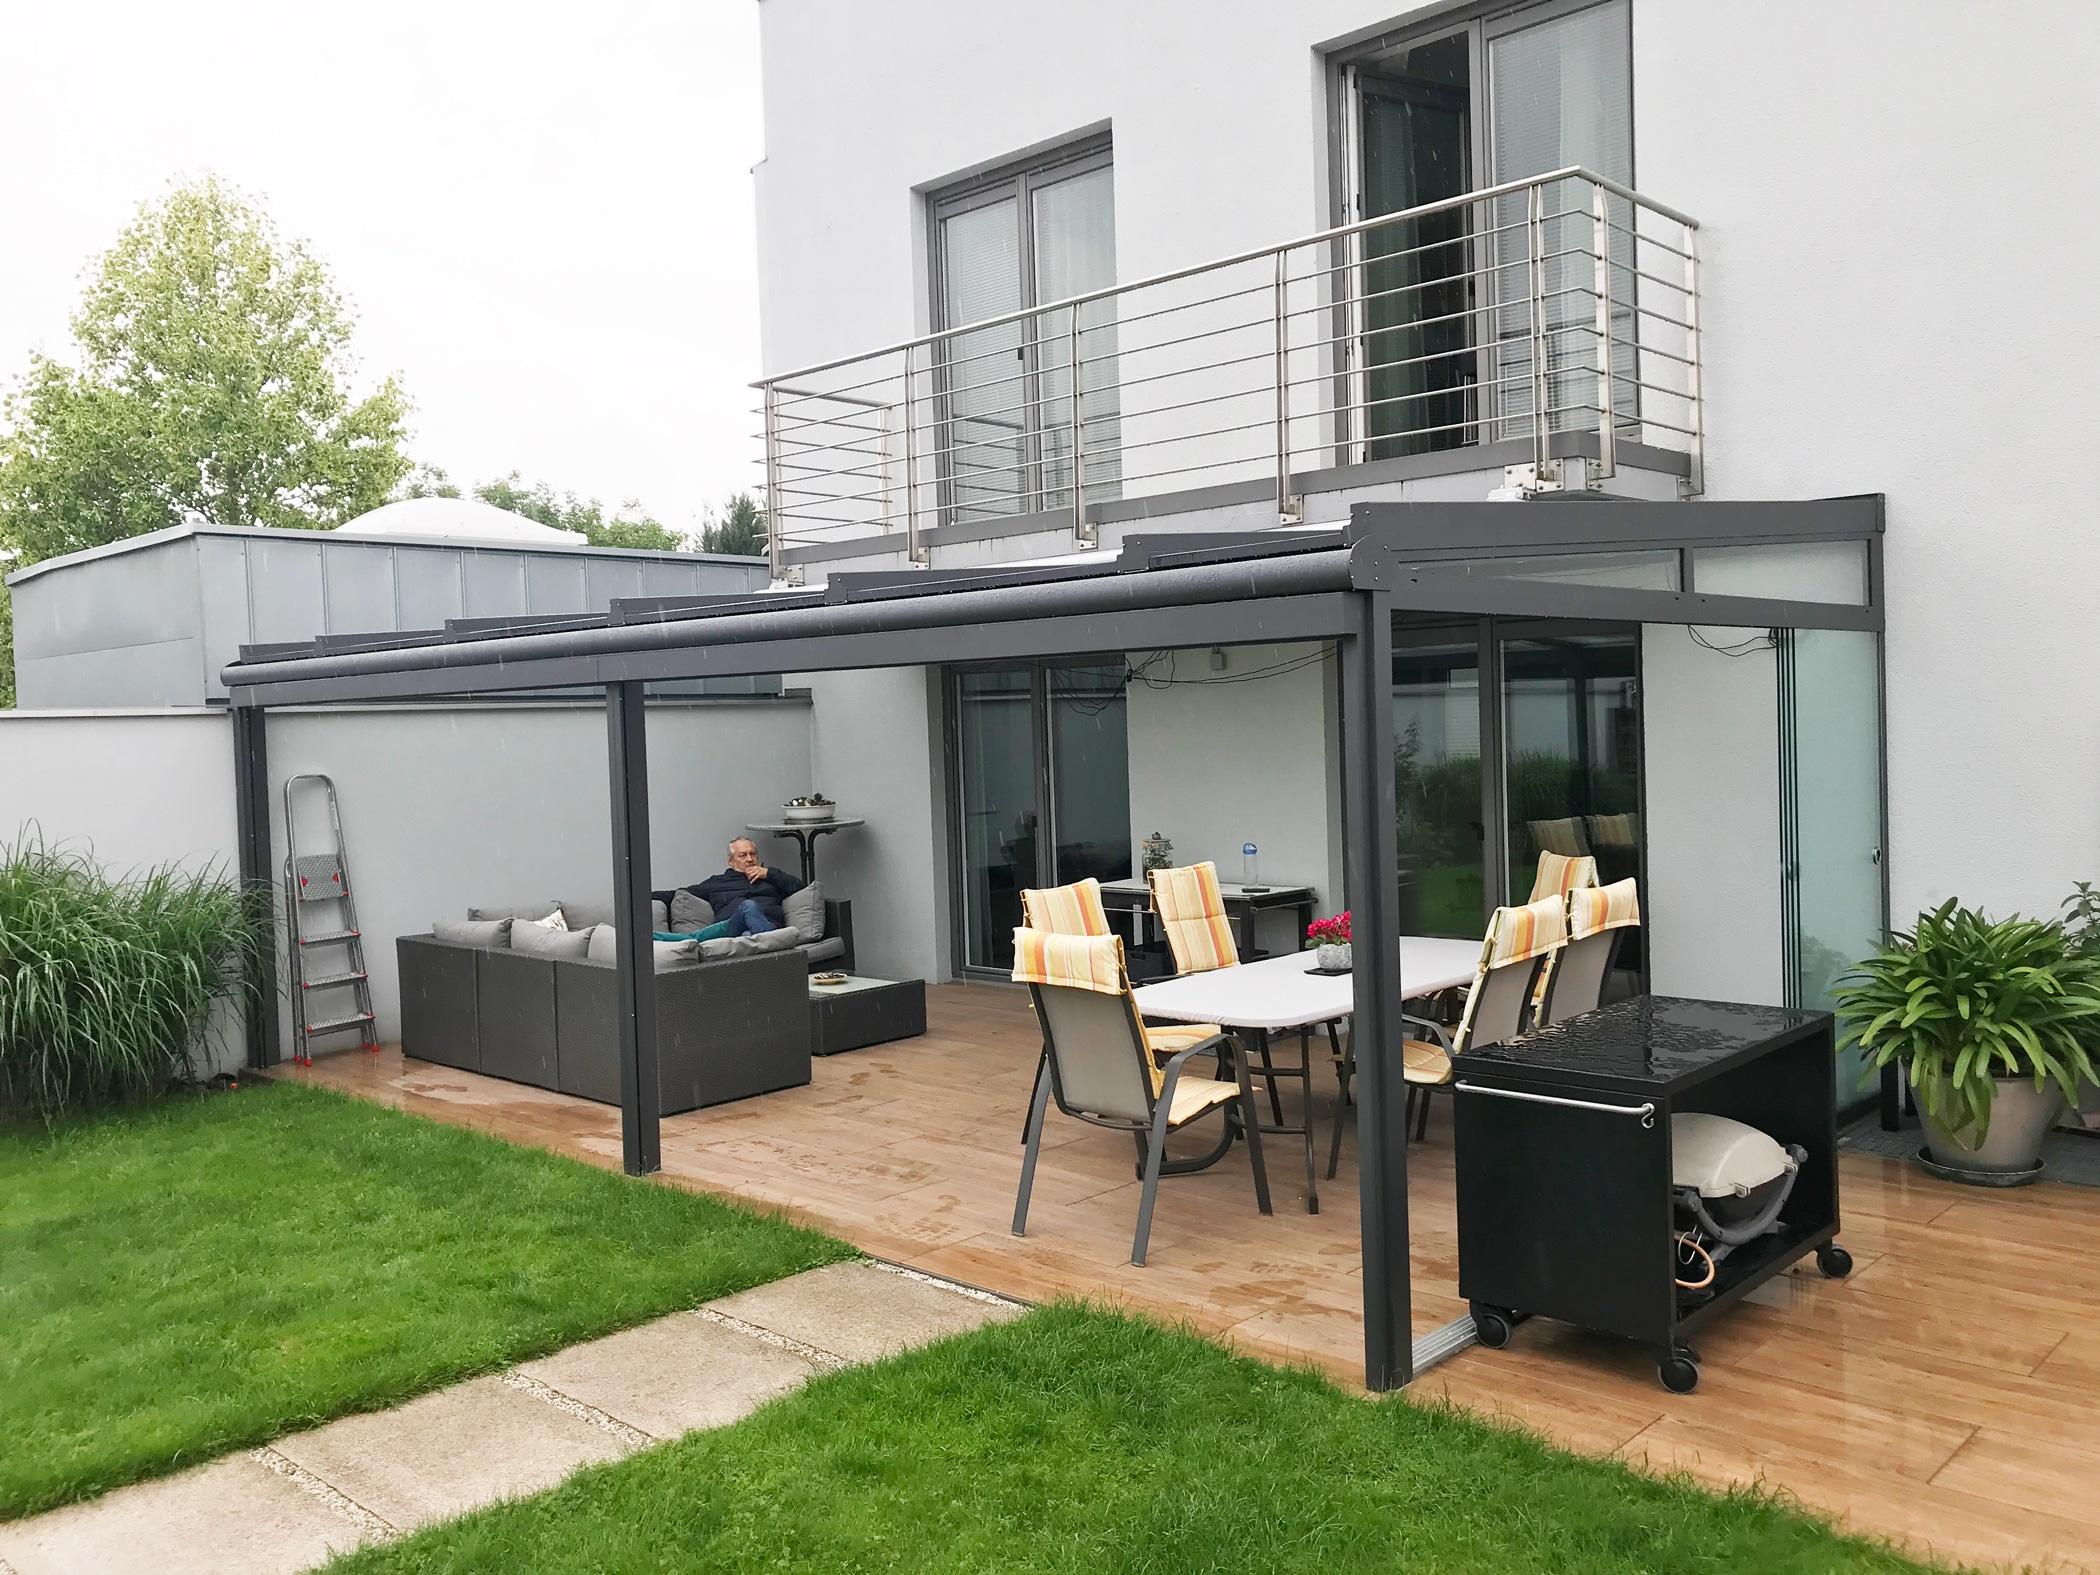 Terrassenüberdachung Alu unter Balkon an Hauswand montiert - Linz